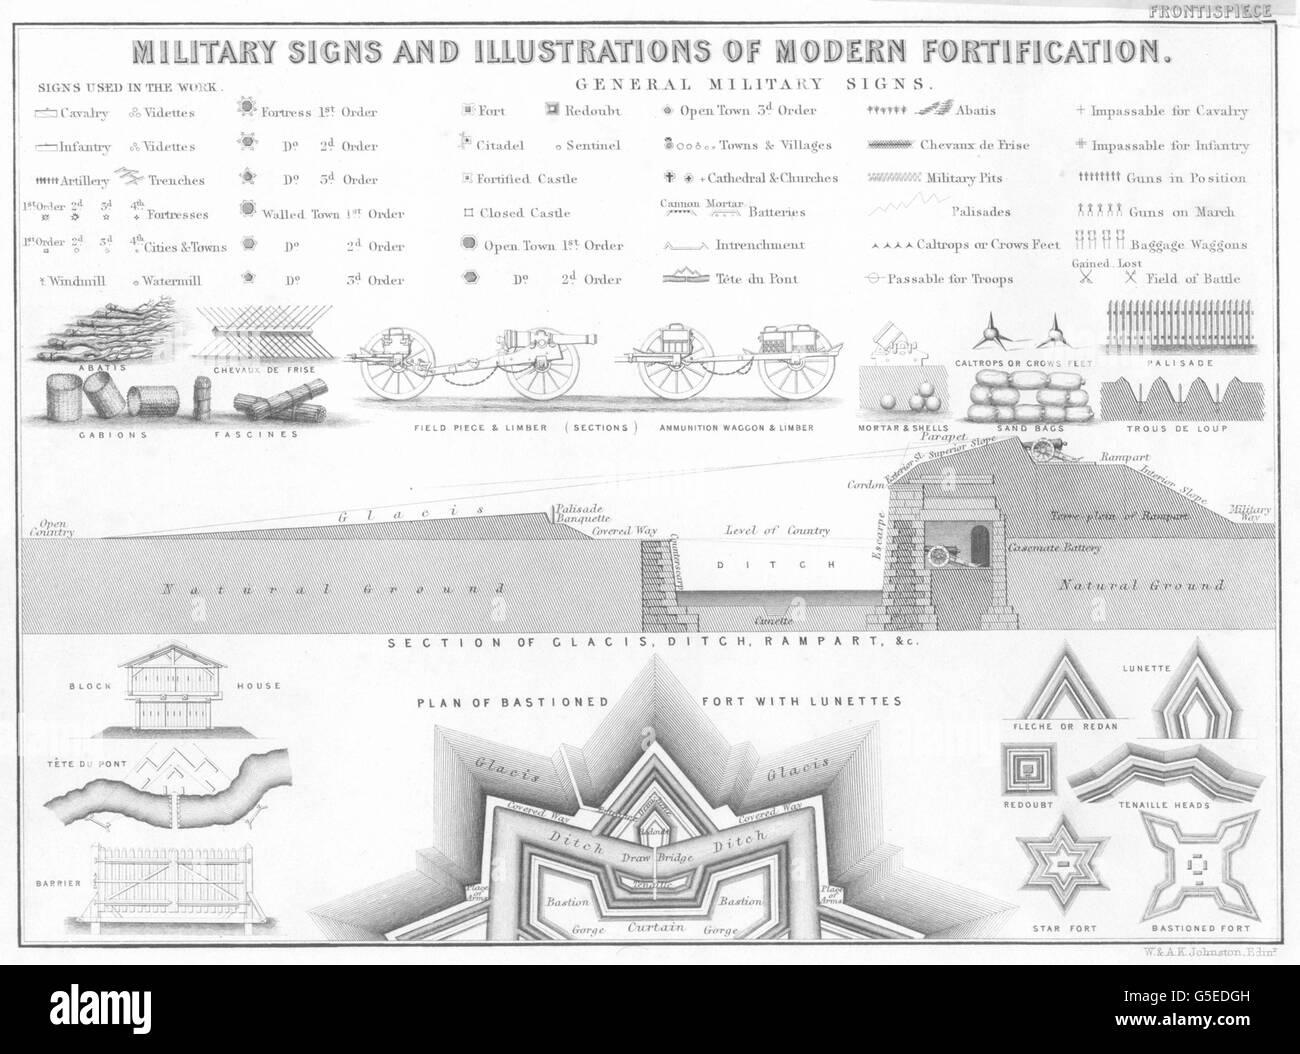 MILITARIA: militare i segni e le illustrazioni della fortificazione moderna, 1848 Immagini Stock